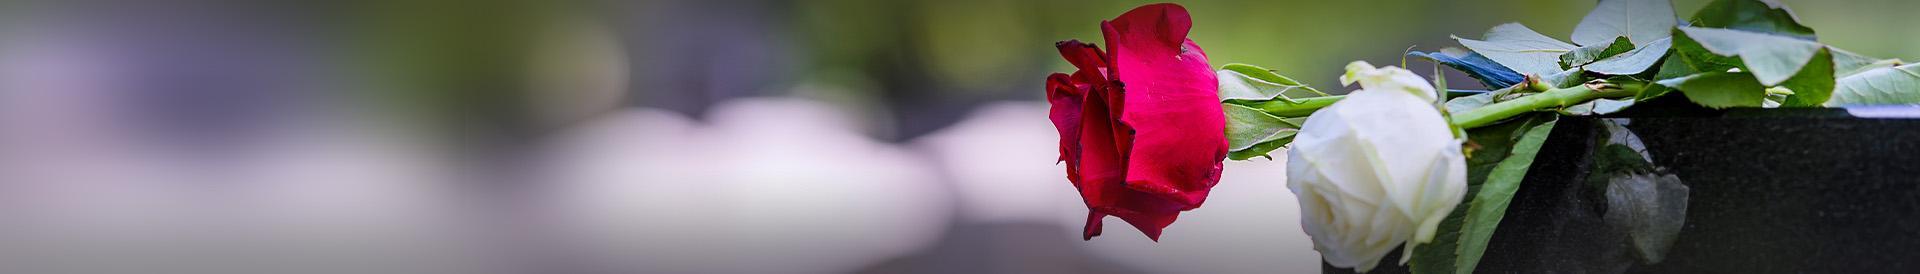 Biała i czerwona róża na trumnie